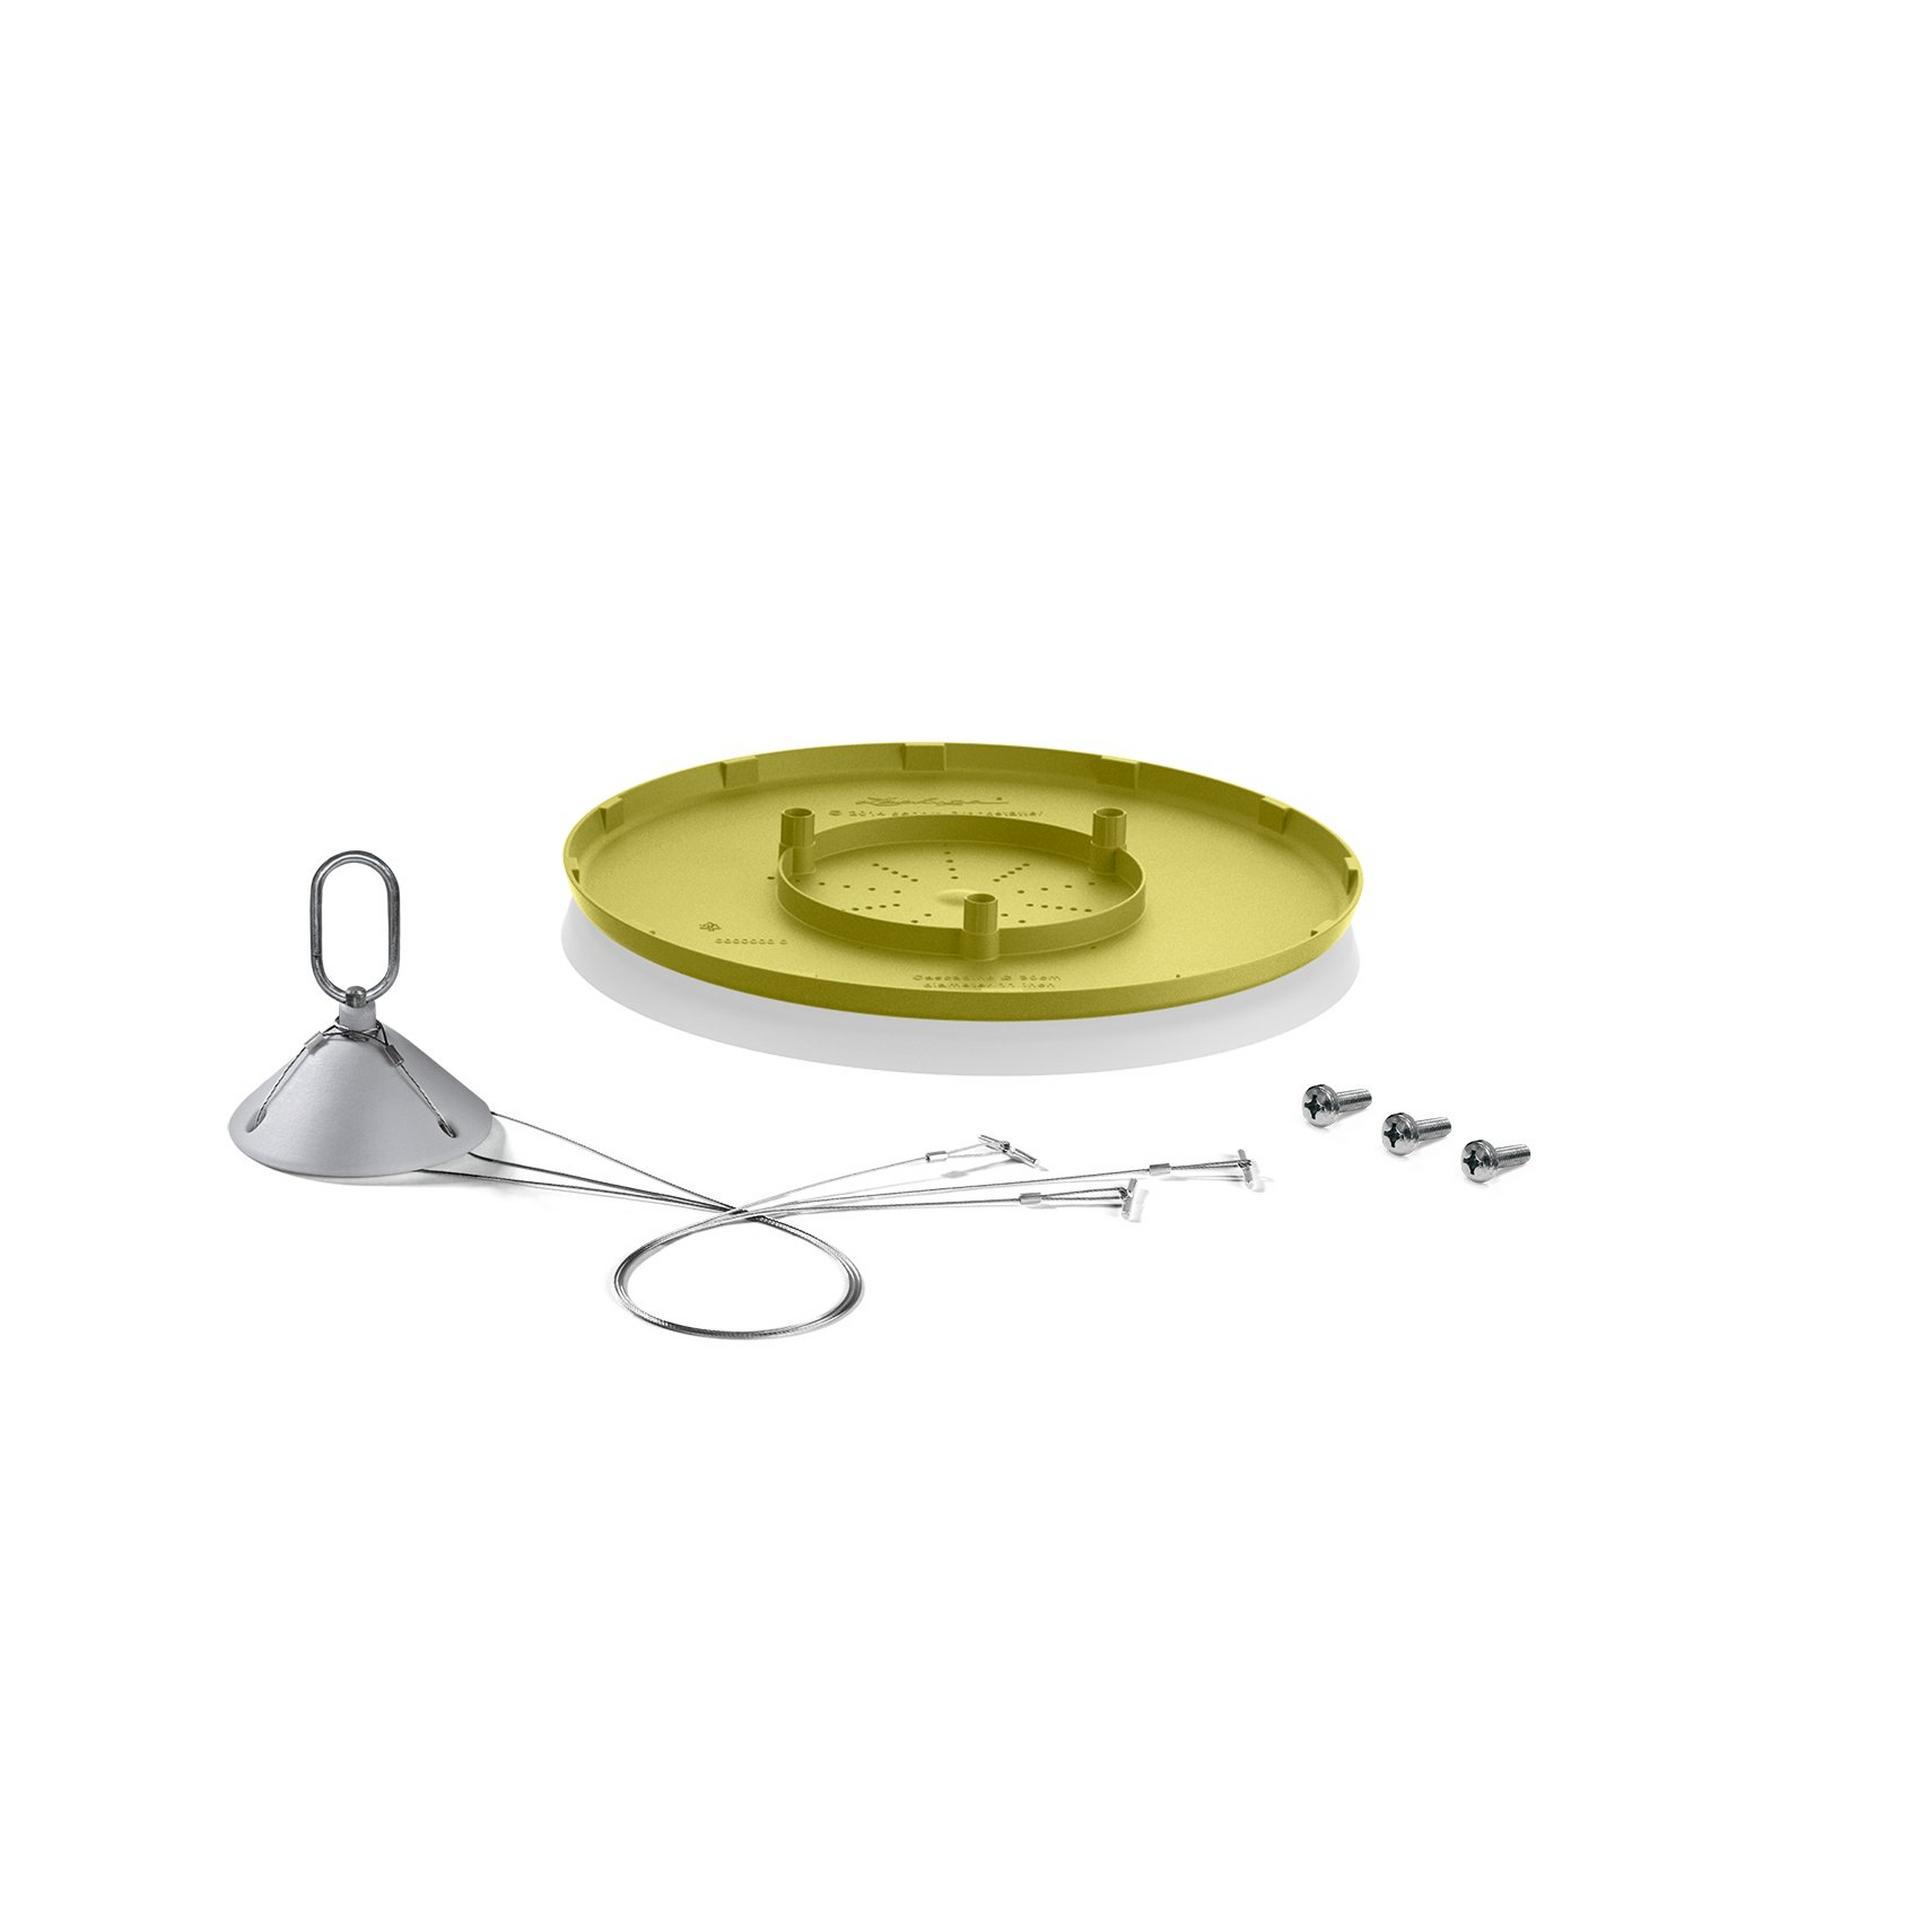 CASCADINO suspension accessory pistachio